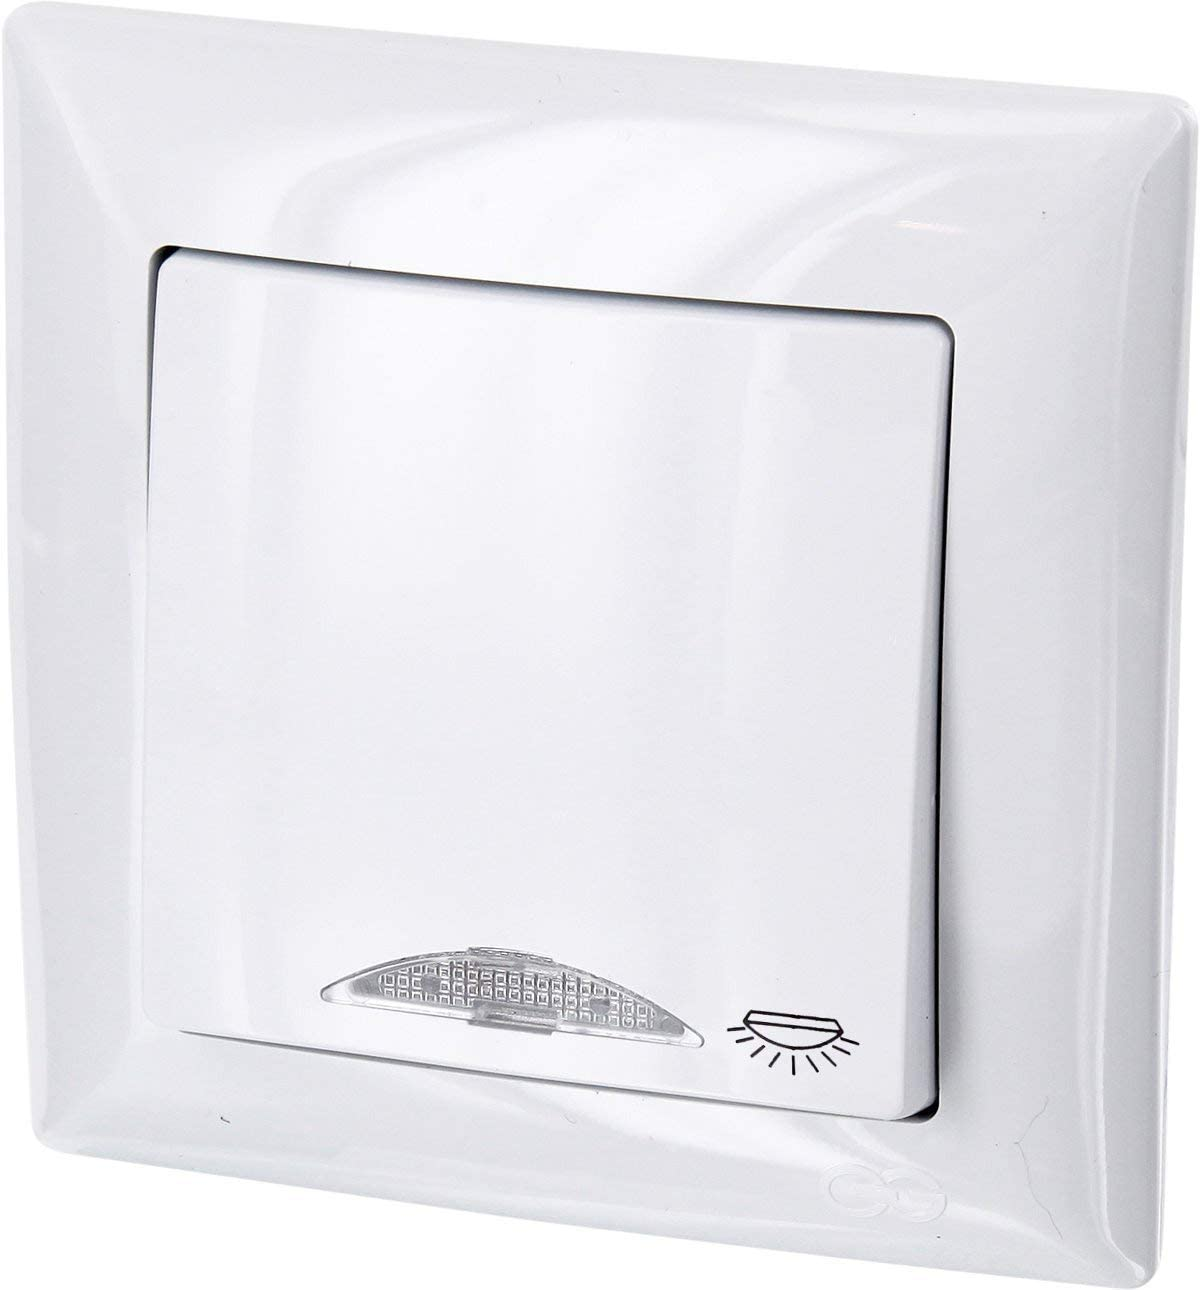 Up pulsador con luz de símbolo + LED de iluminación – All-in-One – Marco + rasante de uso + Protectora (Serie G1 Color Blanco): Amazon.es: Iluminación